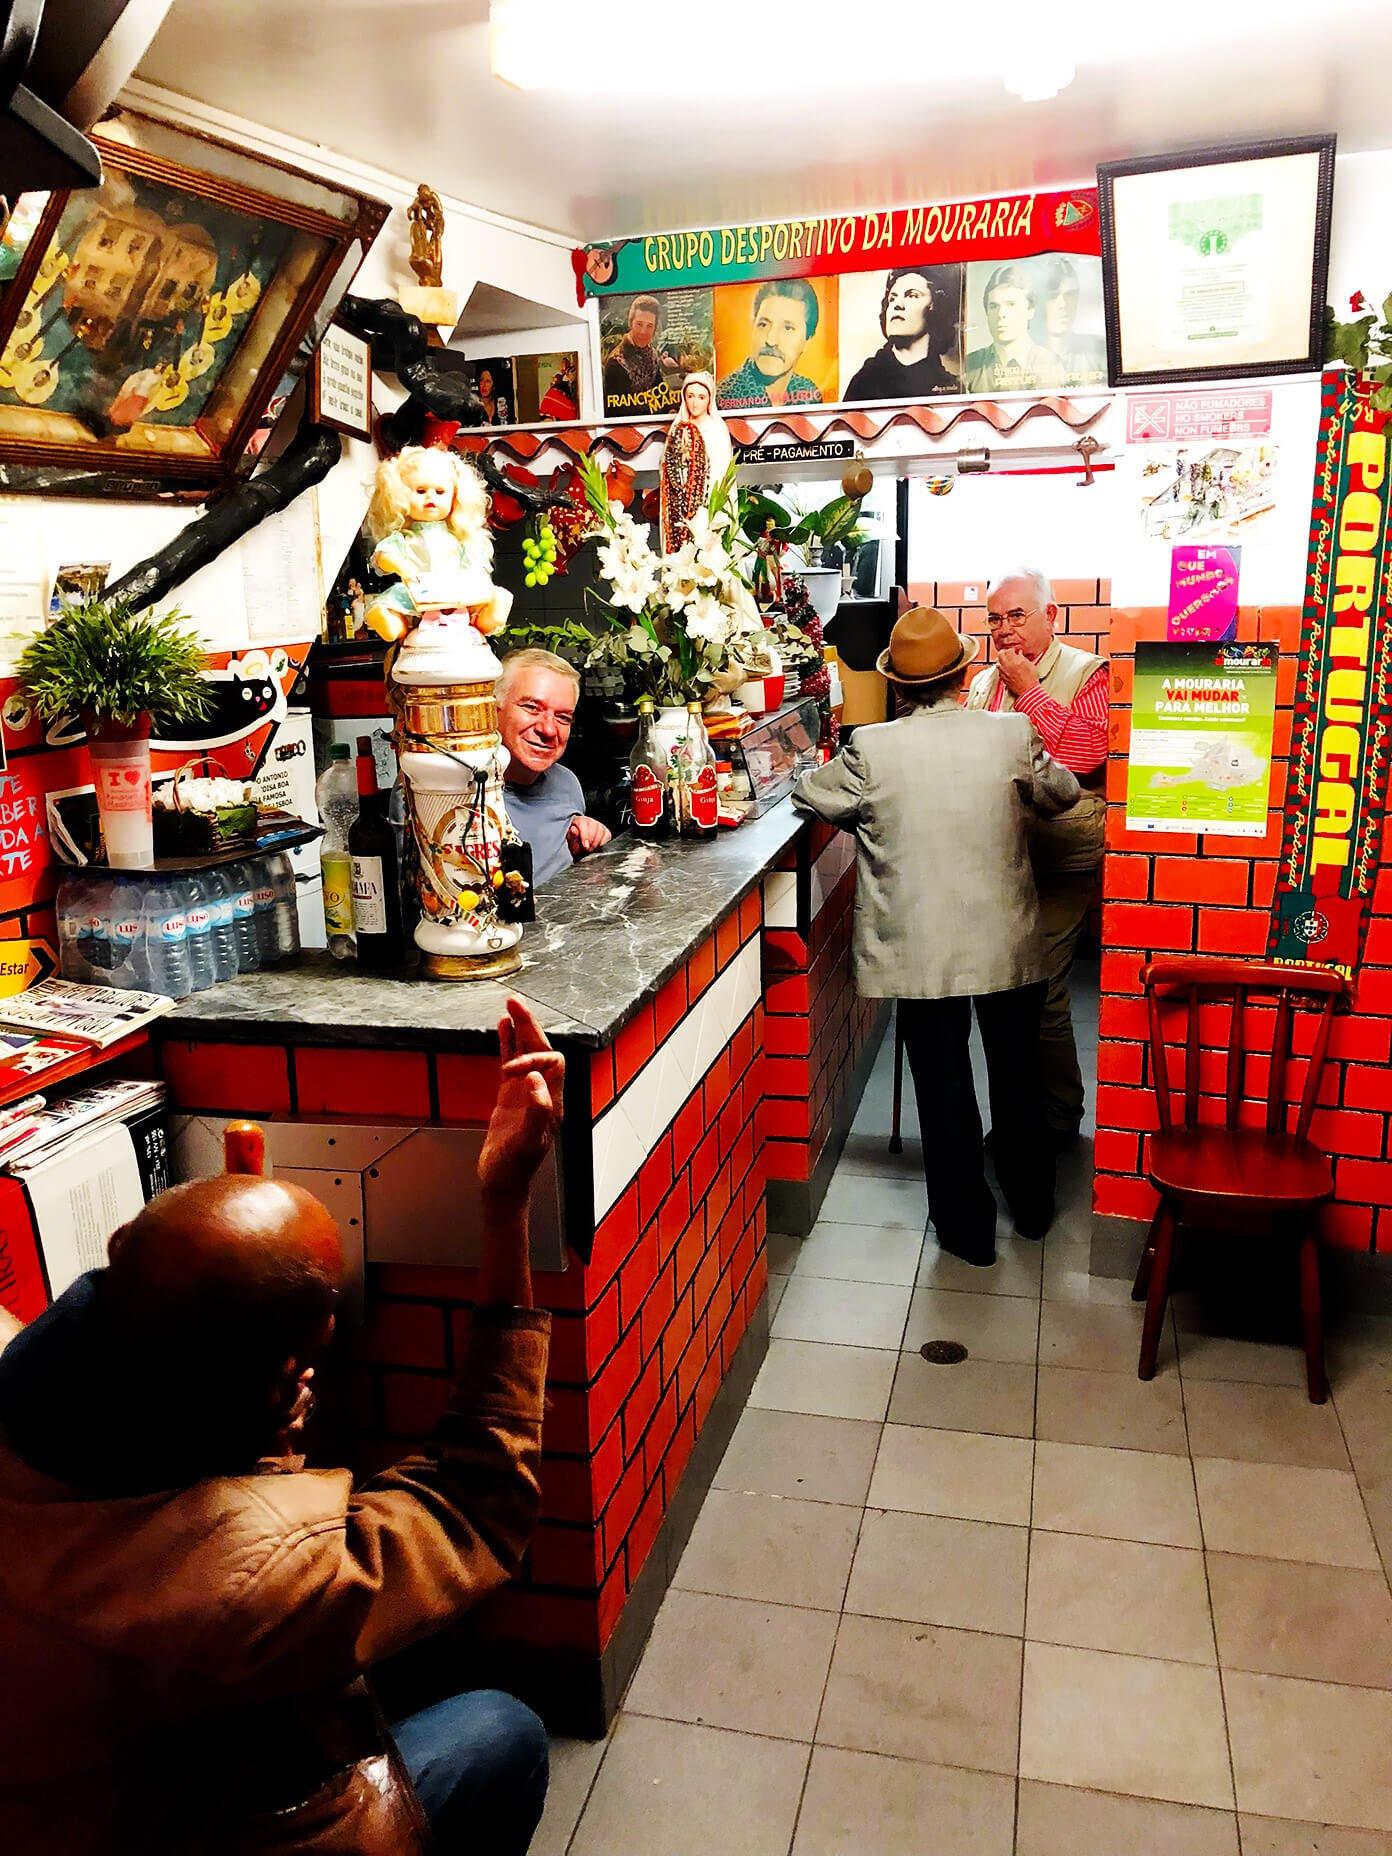 Bar in Lisbon